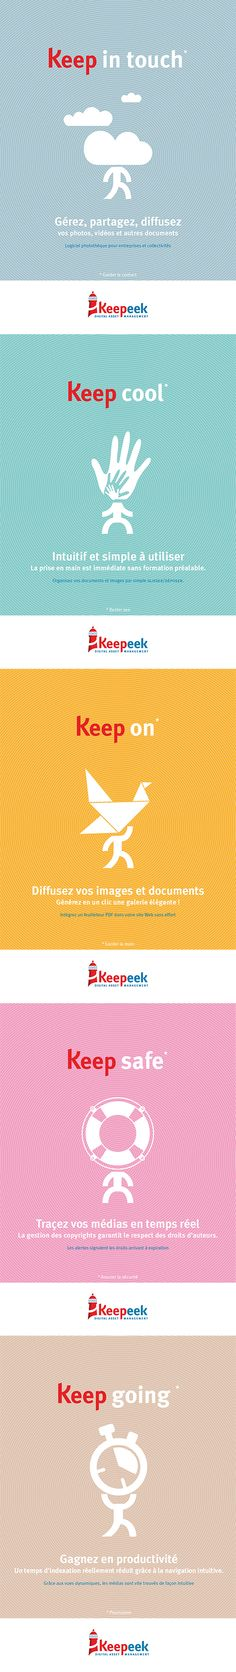 KEEPEEK : projet d'annonces presse. Direction artistique, conception-réalisation.